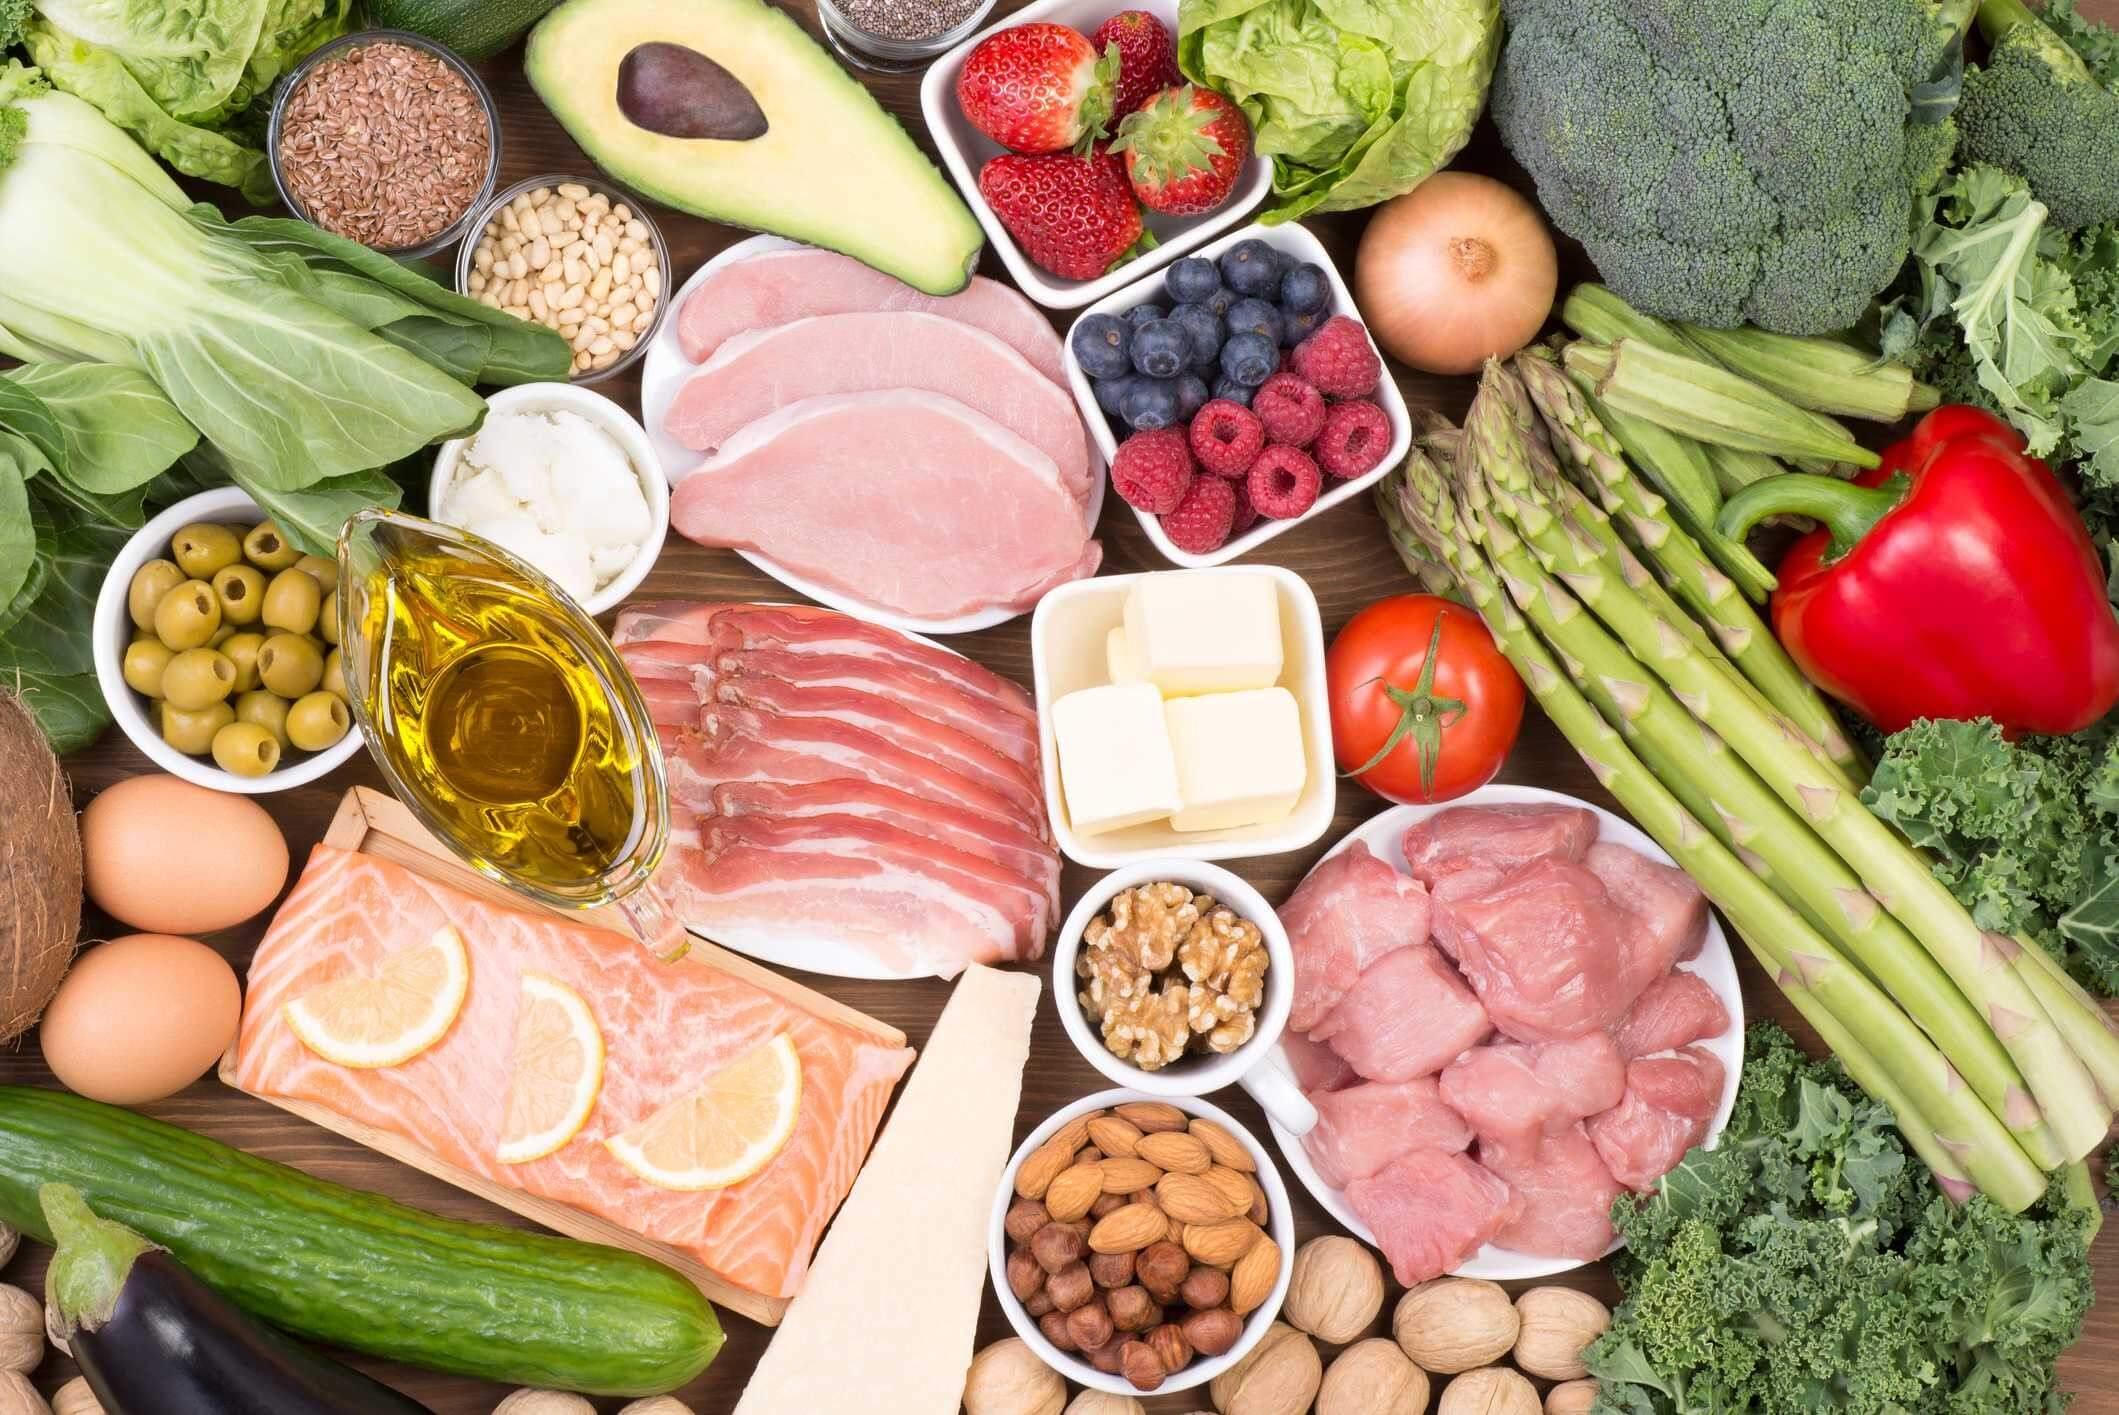 Thực đơn đa dạng, đầy đủ chất dinh dưỡng